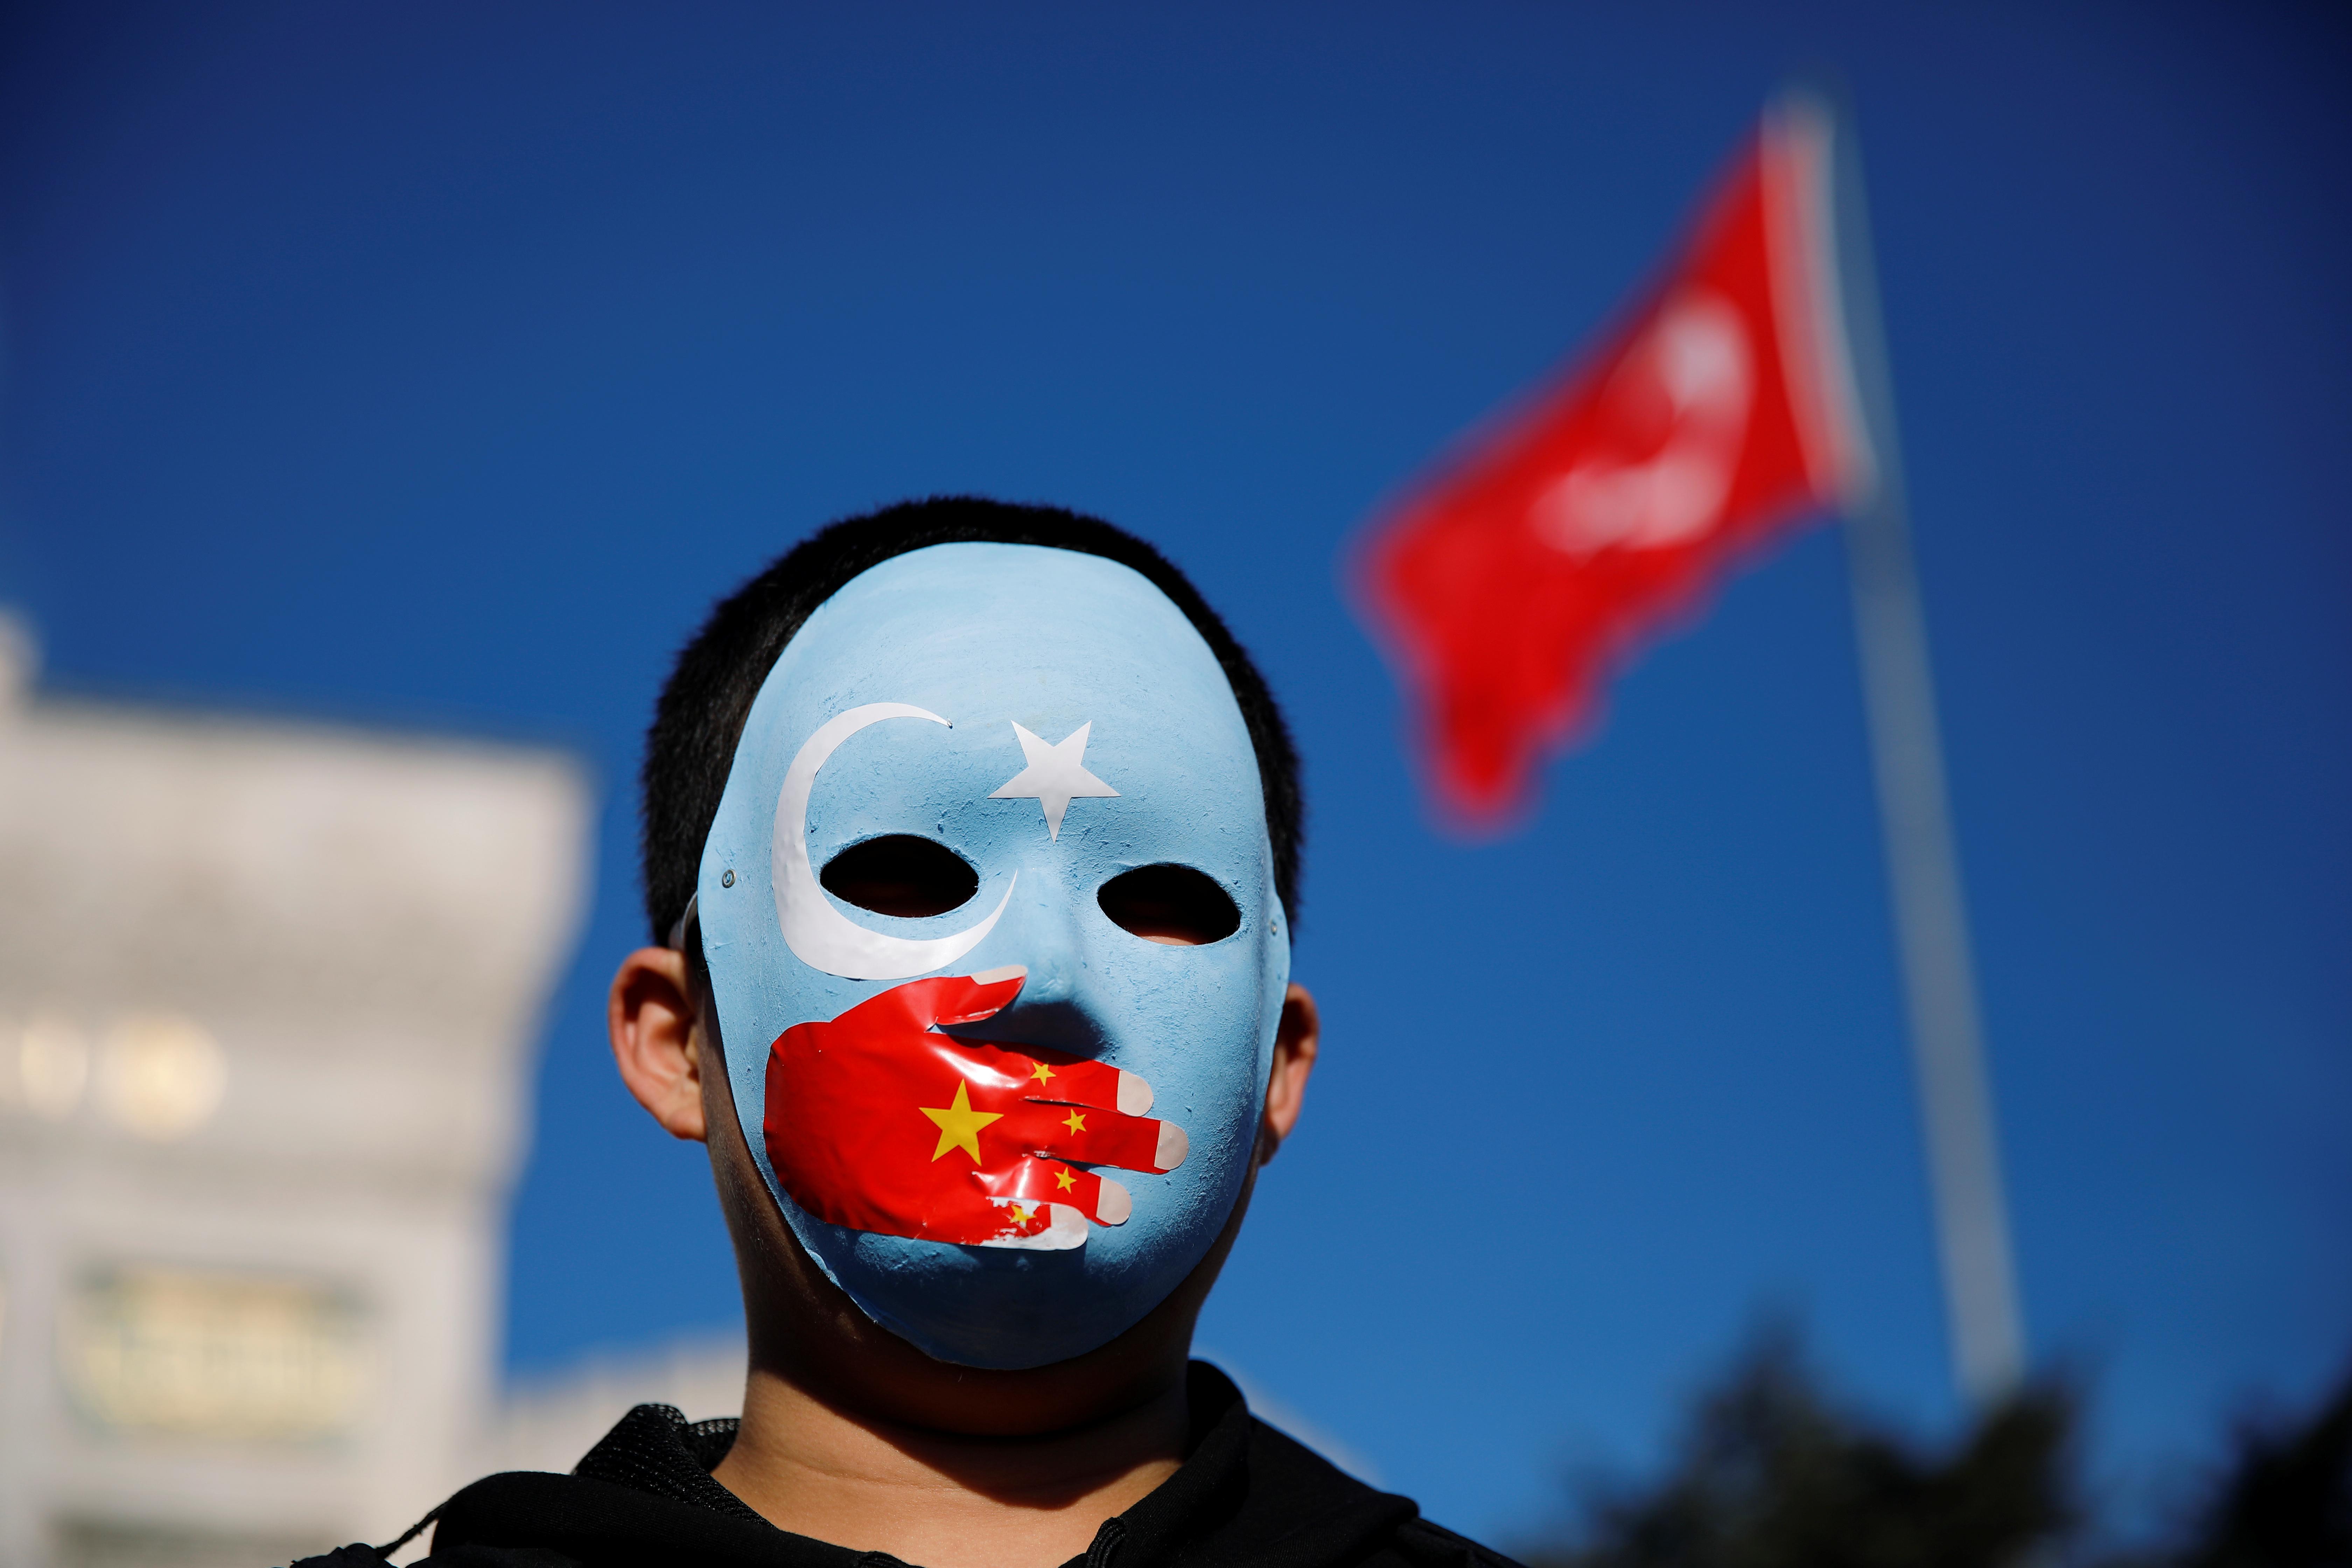 土耳其伊斯坦堡的维吾尔人戴上象征疆独的东突厥斯坦旗帜的面具,抗议中国政府打压维吾尔族人权。-路透社-